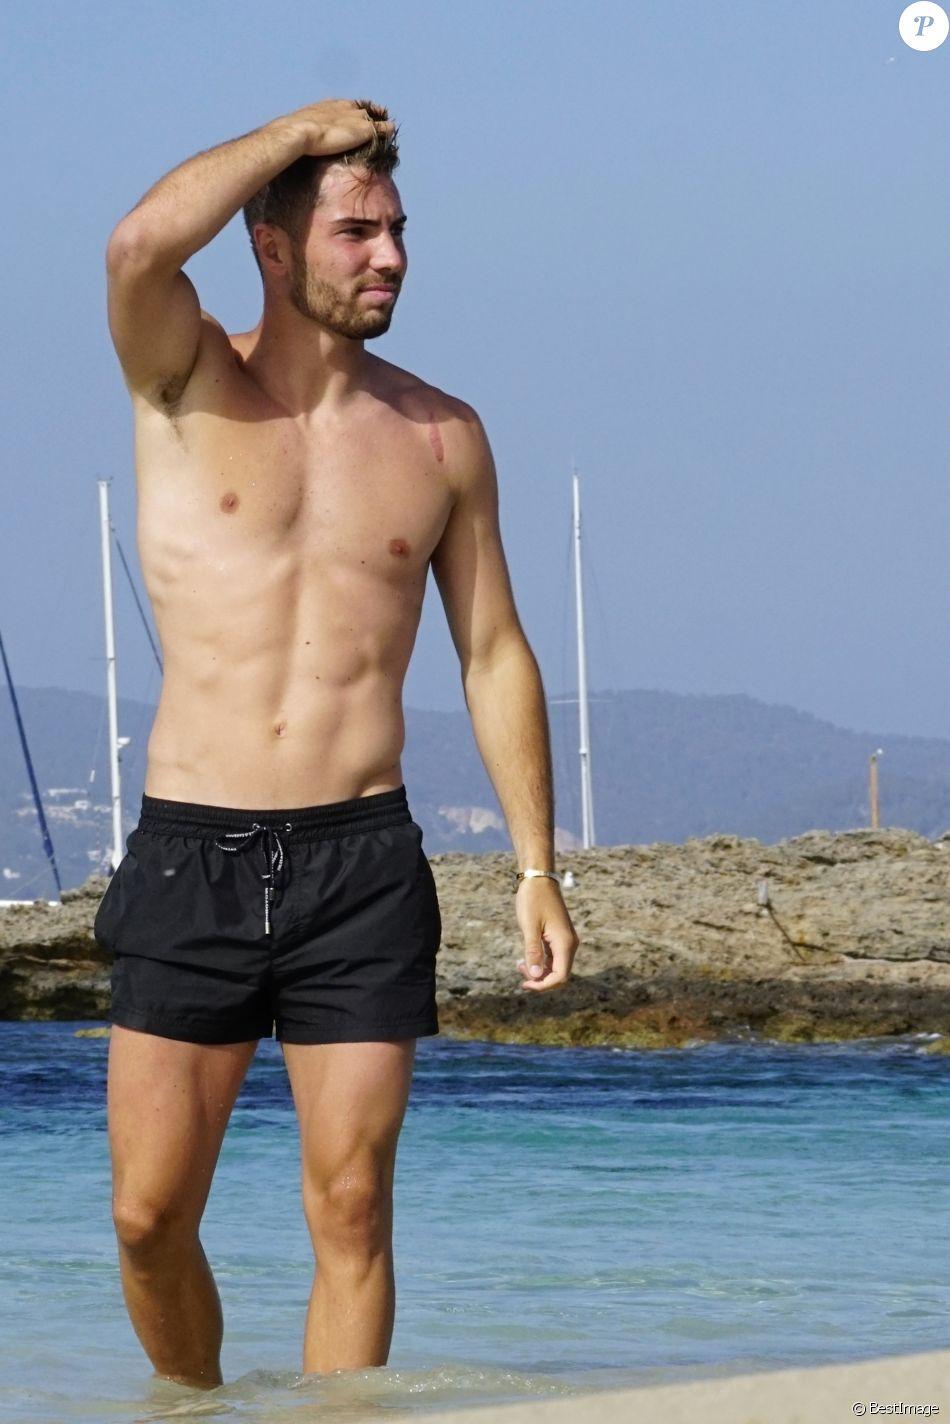 Exclusif - Luca Zidane a été aperçu avec des amis en train de jouer au football sur une plage à Ibiza en Espagne, le 14 juin 2019.